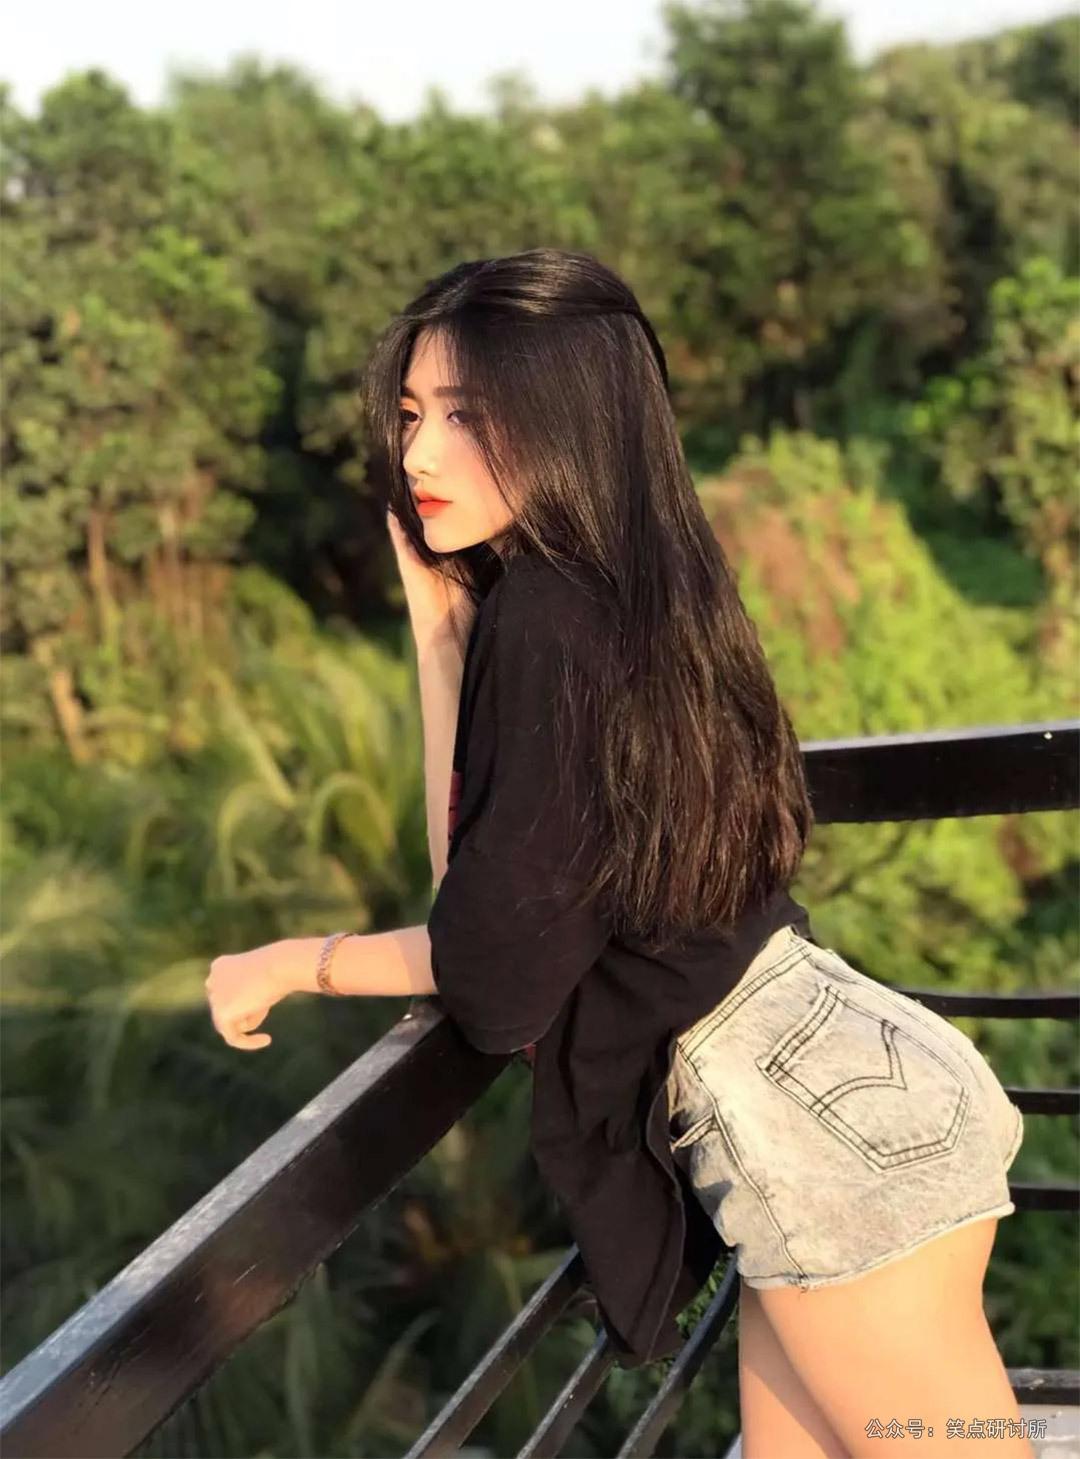 这么漂亮的越南姑娘喜欢吗?